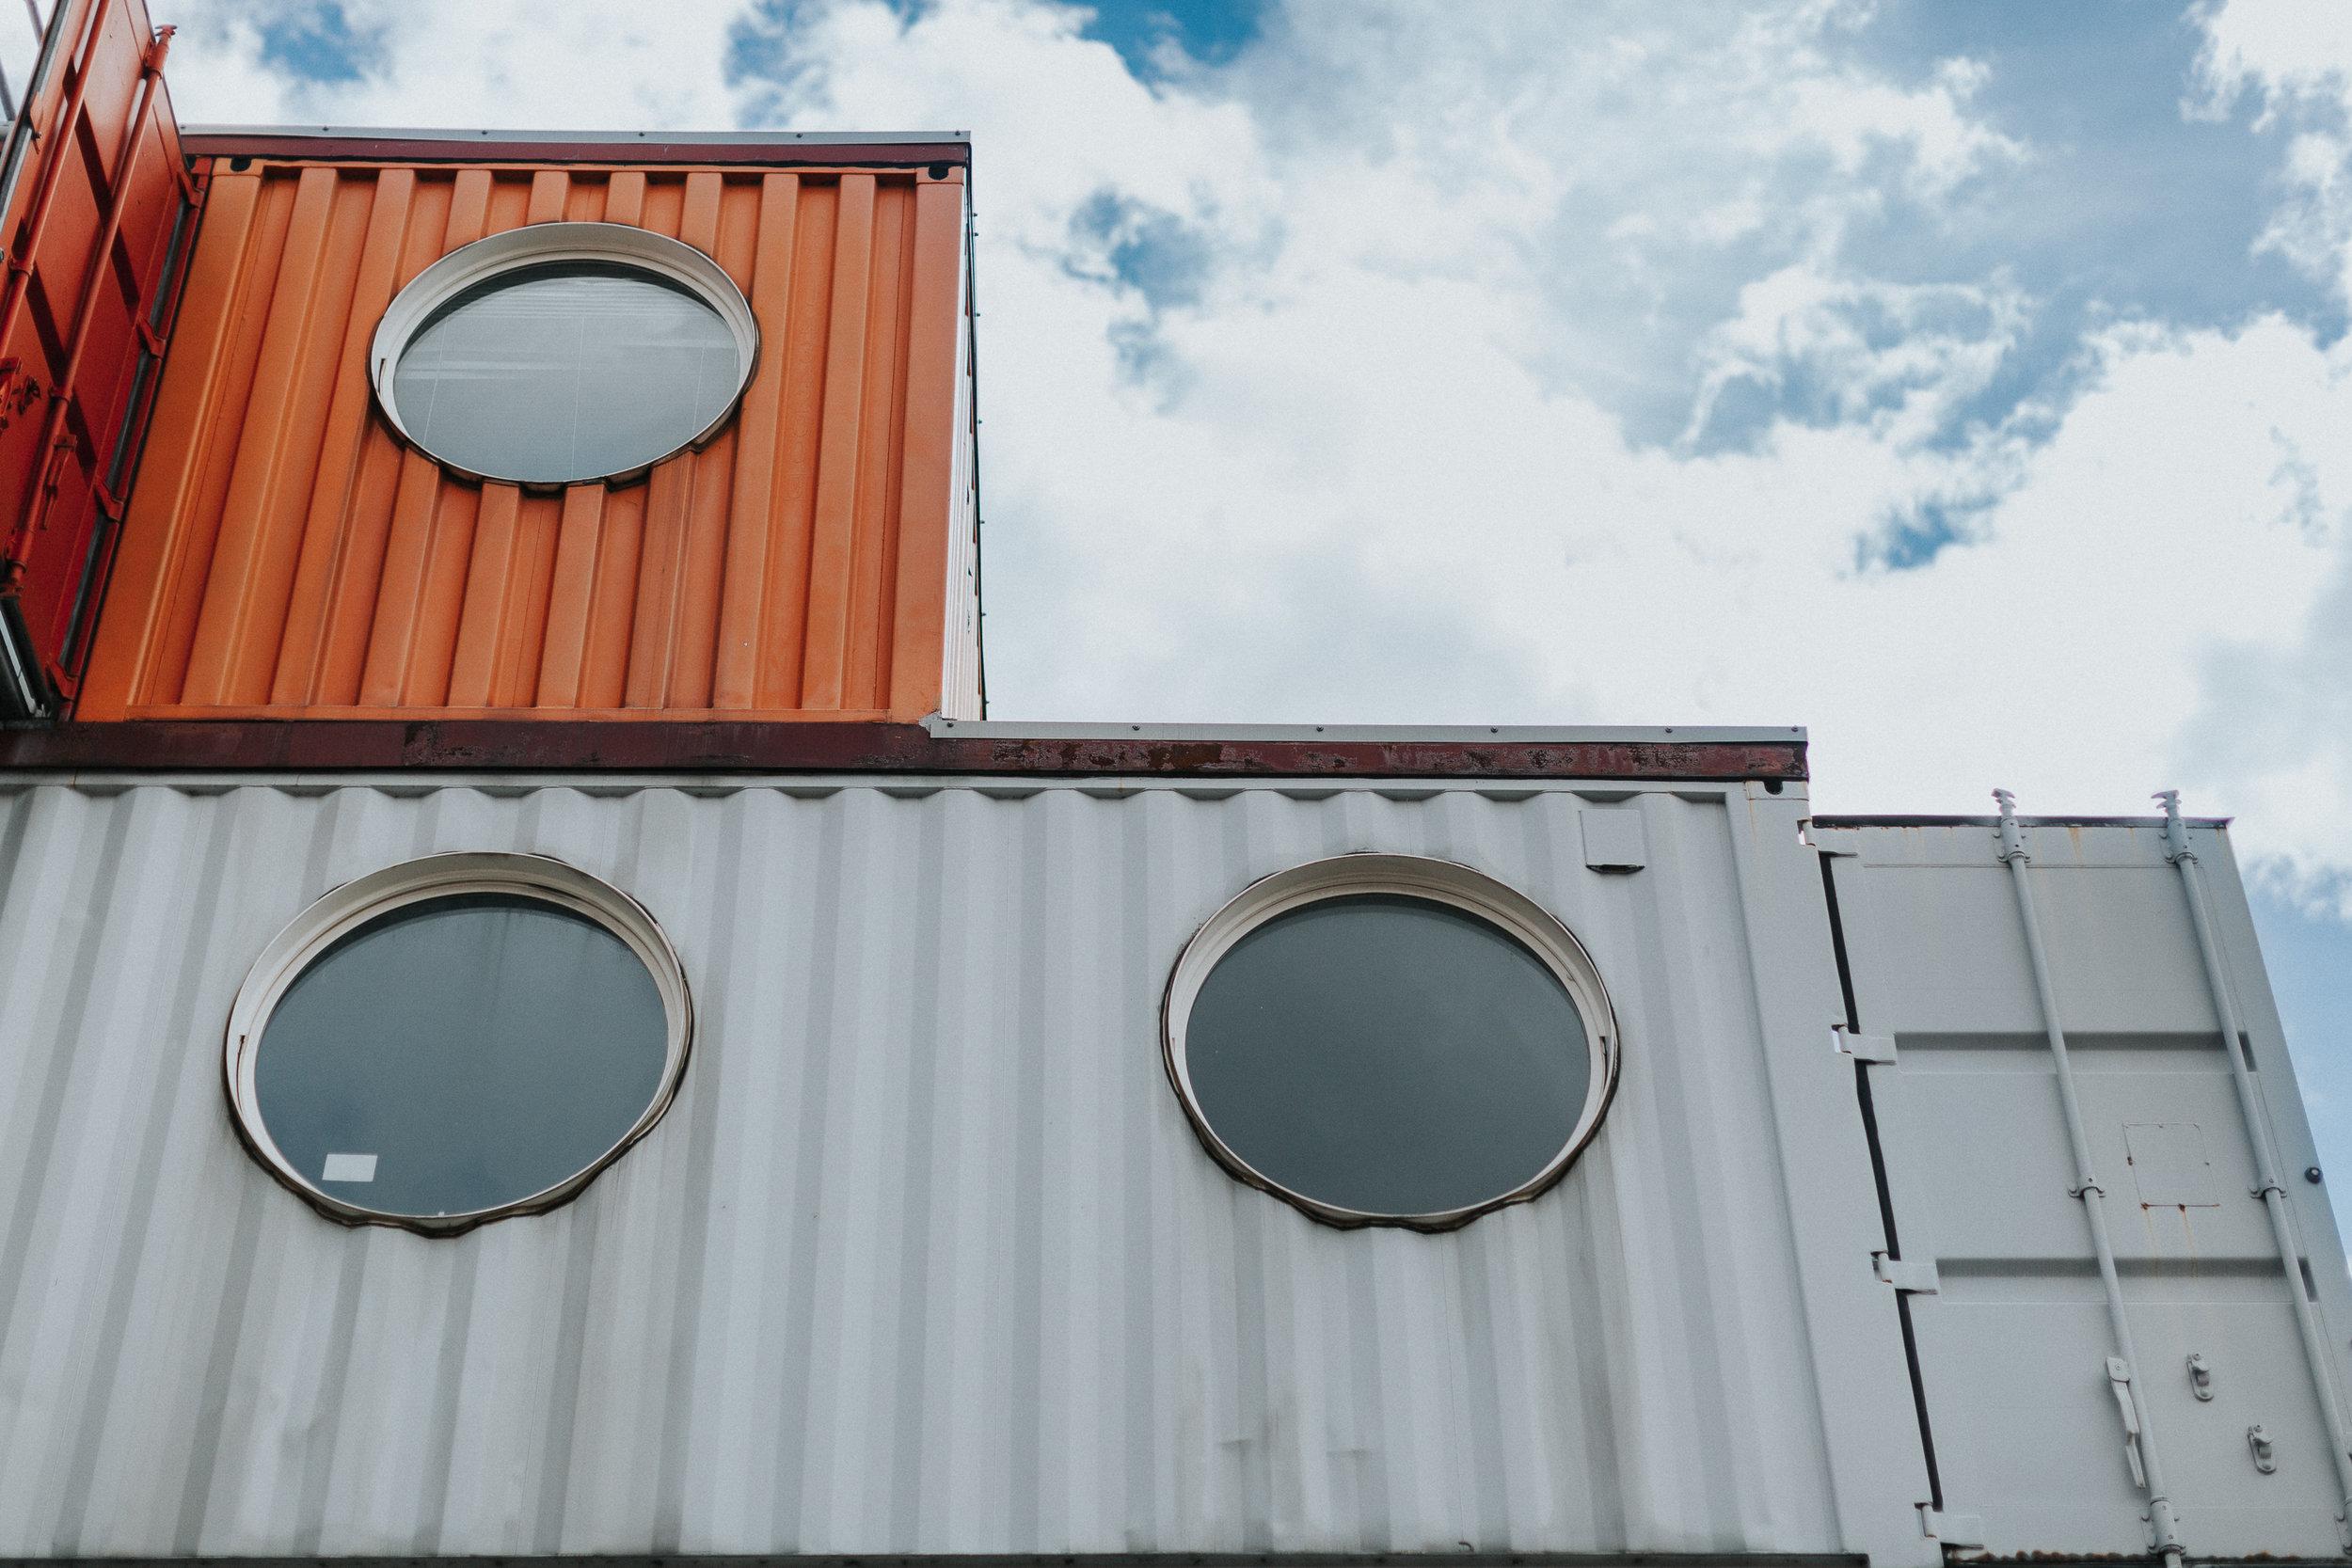 Trinity Buoy Wharf Crates